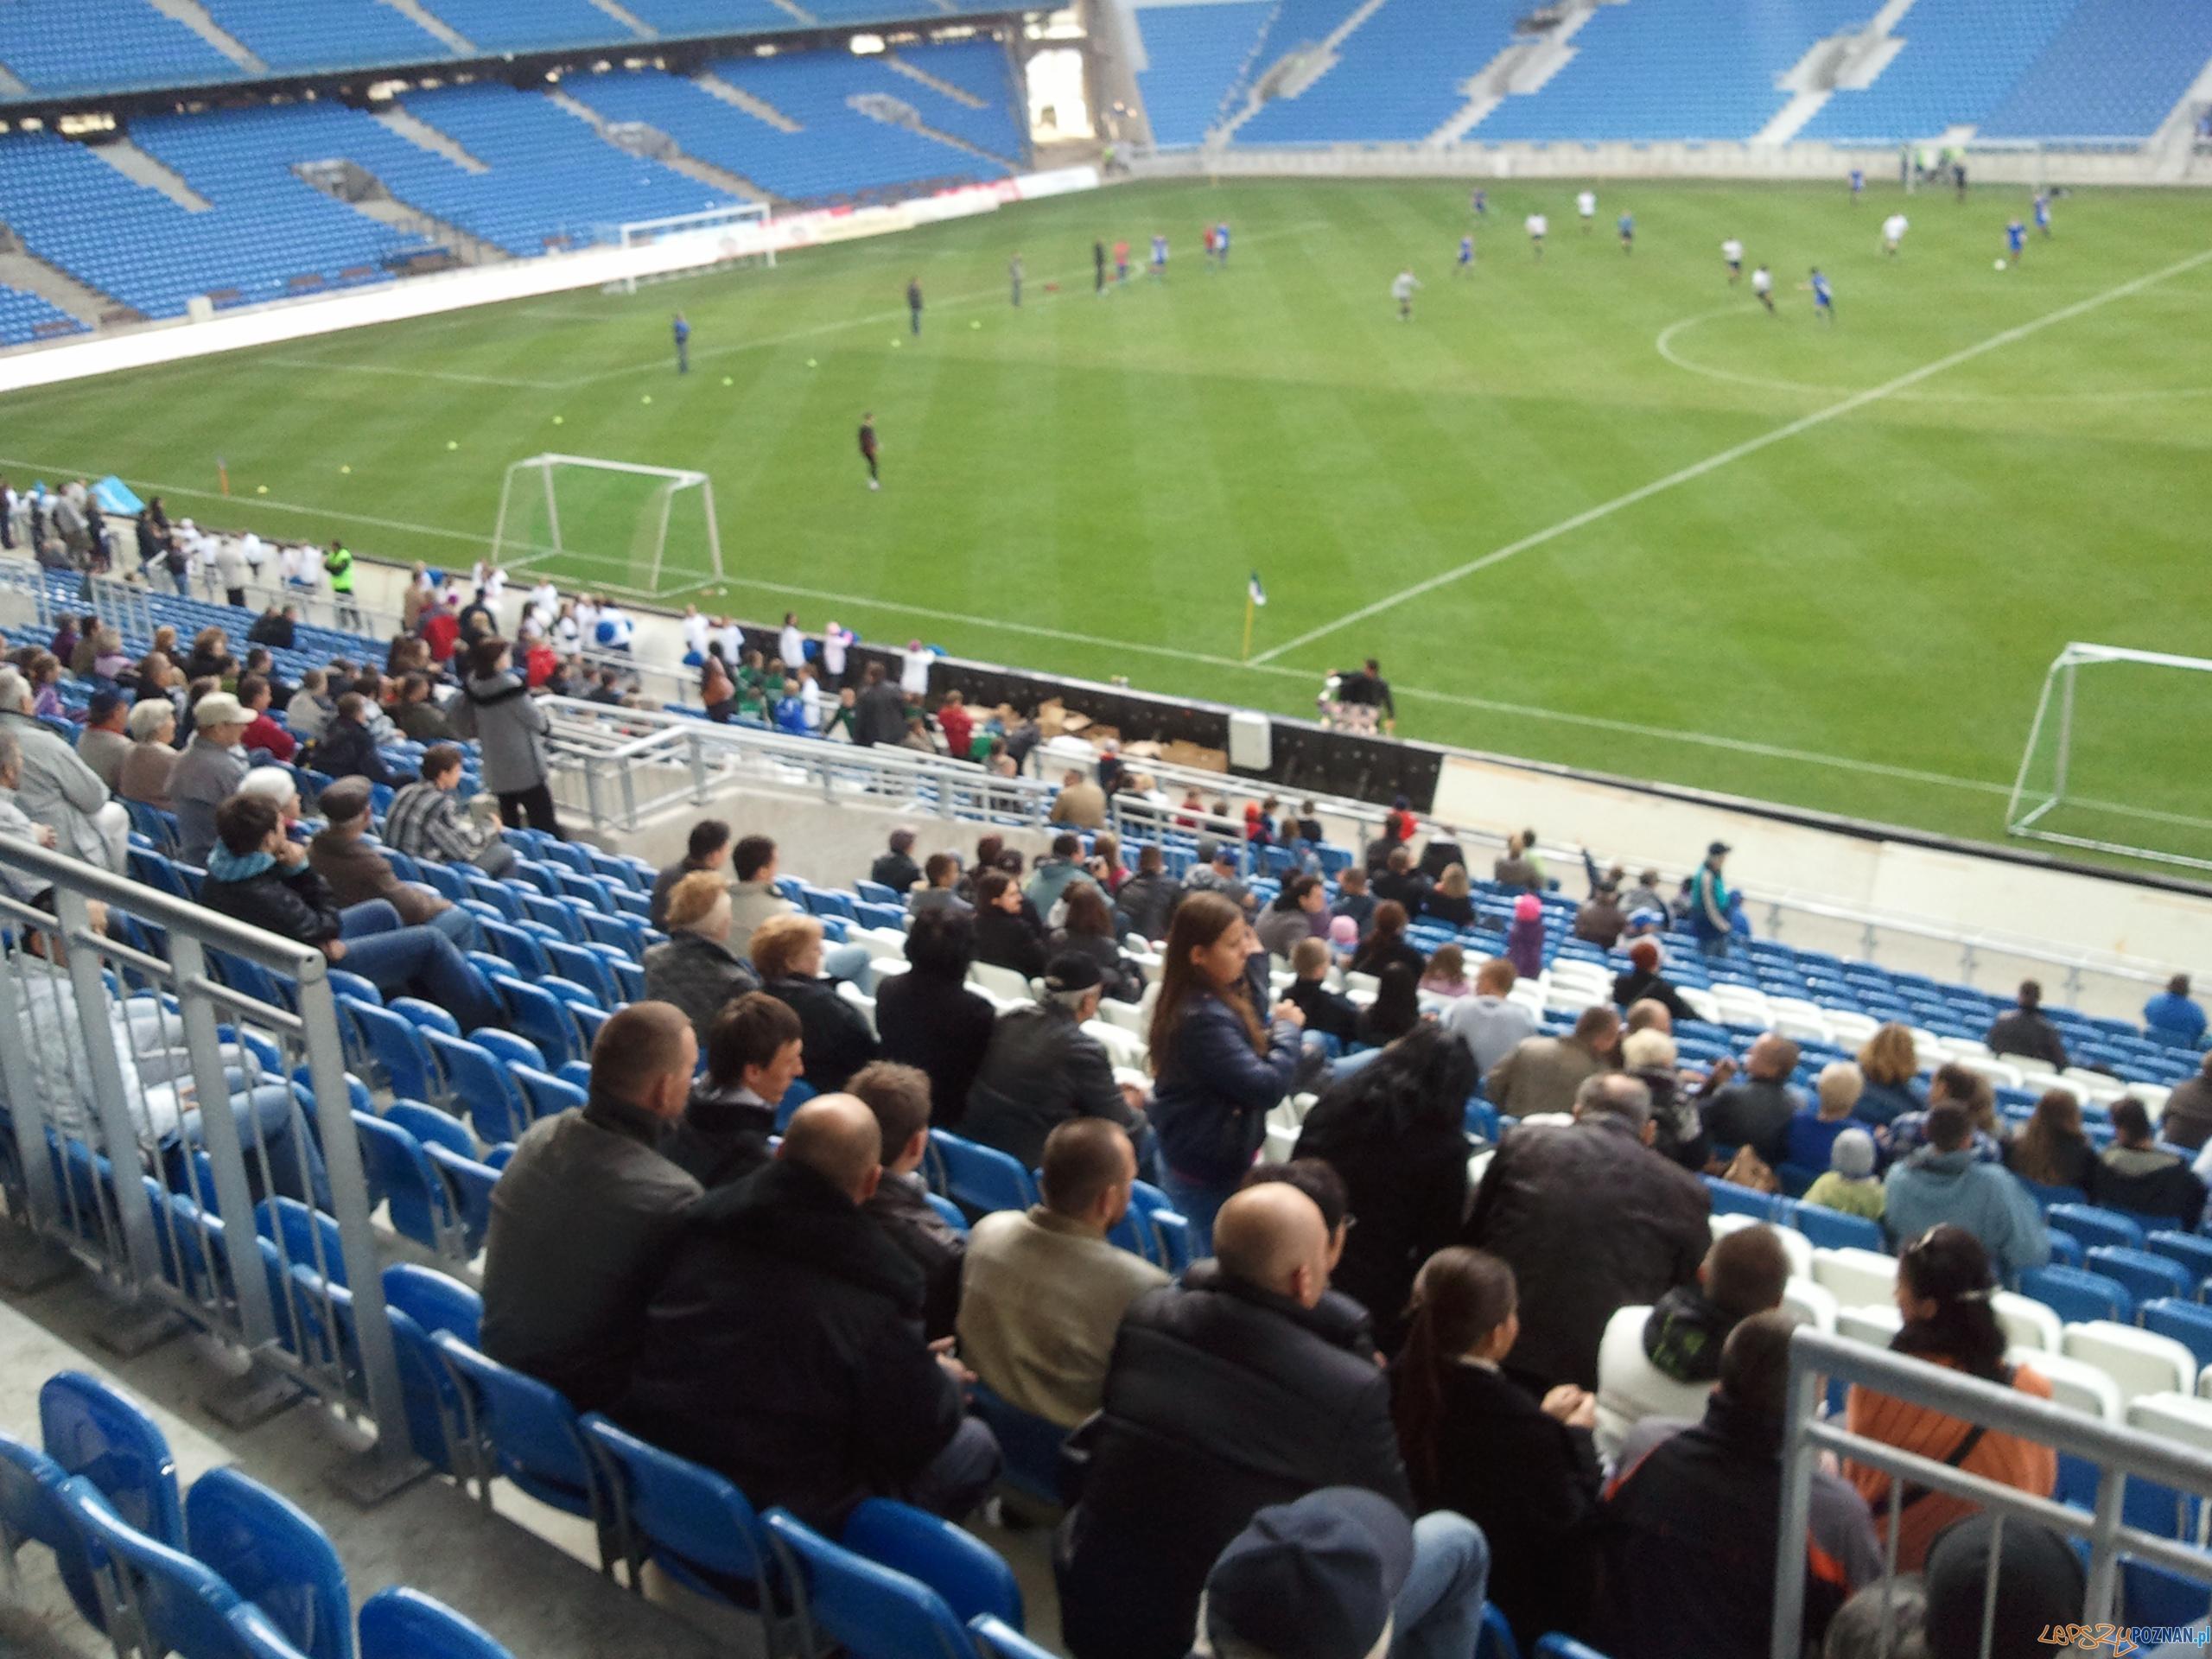 Poznański Otwarcie Stadionu  Foto: lepszyPOZNAN.pl andrzej/gsm